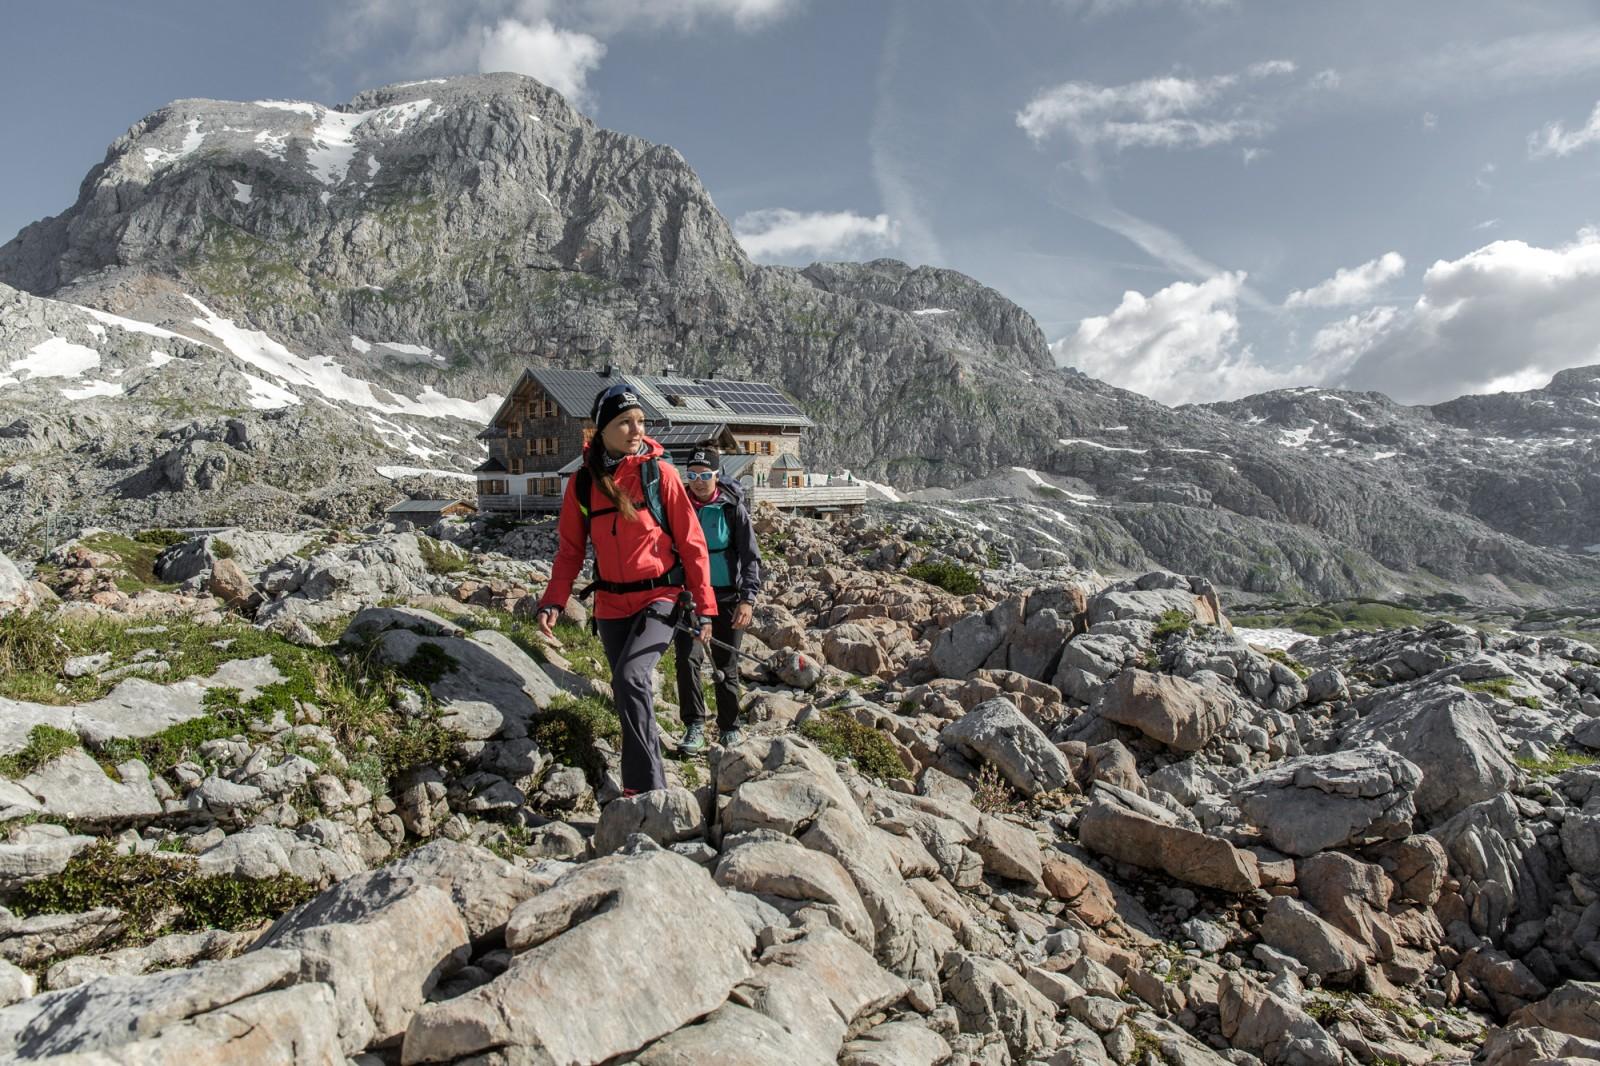 Vom bequem bis hoch hinaus: In Saalfelden Leogang gibt es Wanderungen aller Schwierigkeitsgrade